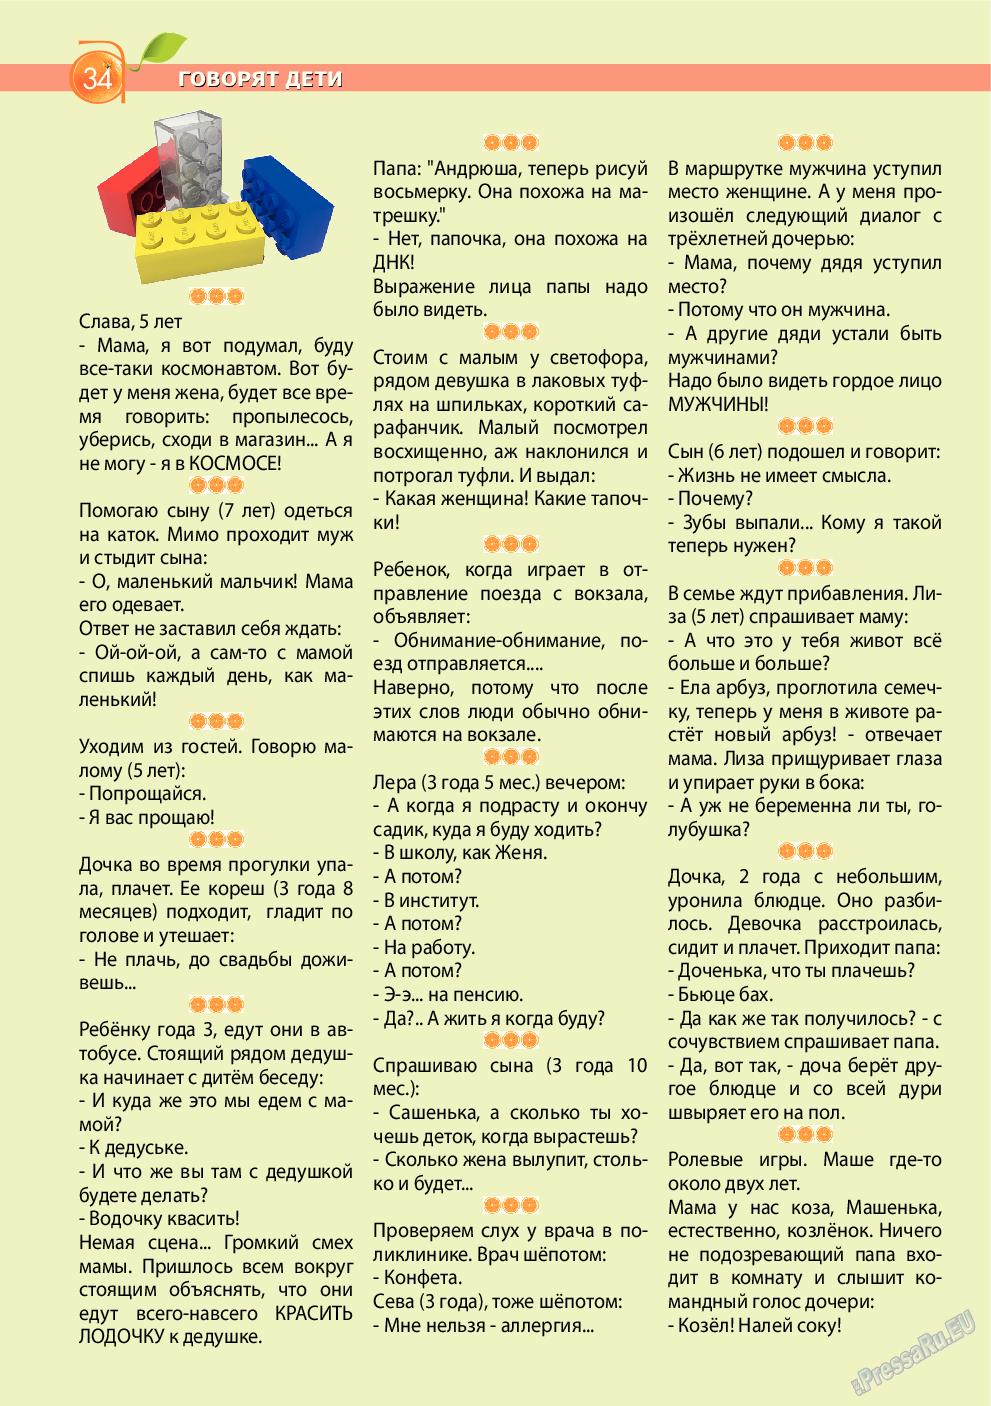 Апельсин (журнал). 2015 год, номер 68, стр. 34